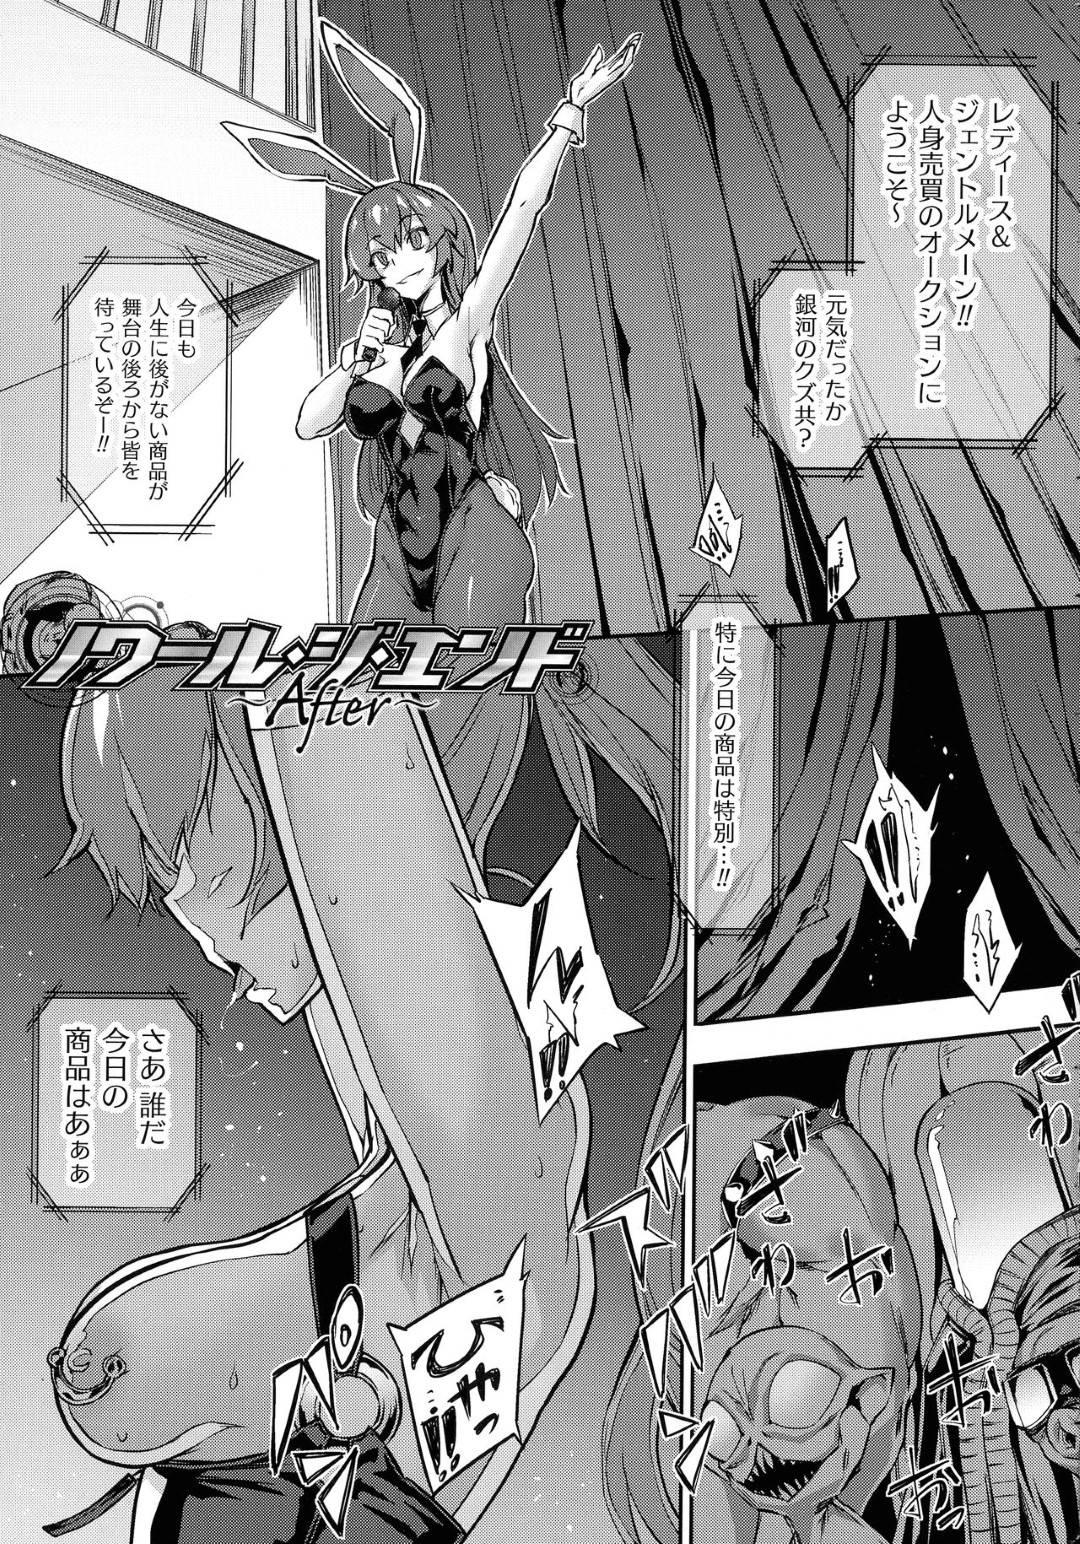 【エロ漫画】敵のボスの肉便器となった後肉体改造されオークションに売り出されるエージェント…両腕を失い客に見られながら中出しされる!【Zutta:ソワール・ジ・エンド~After~】